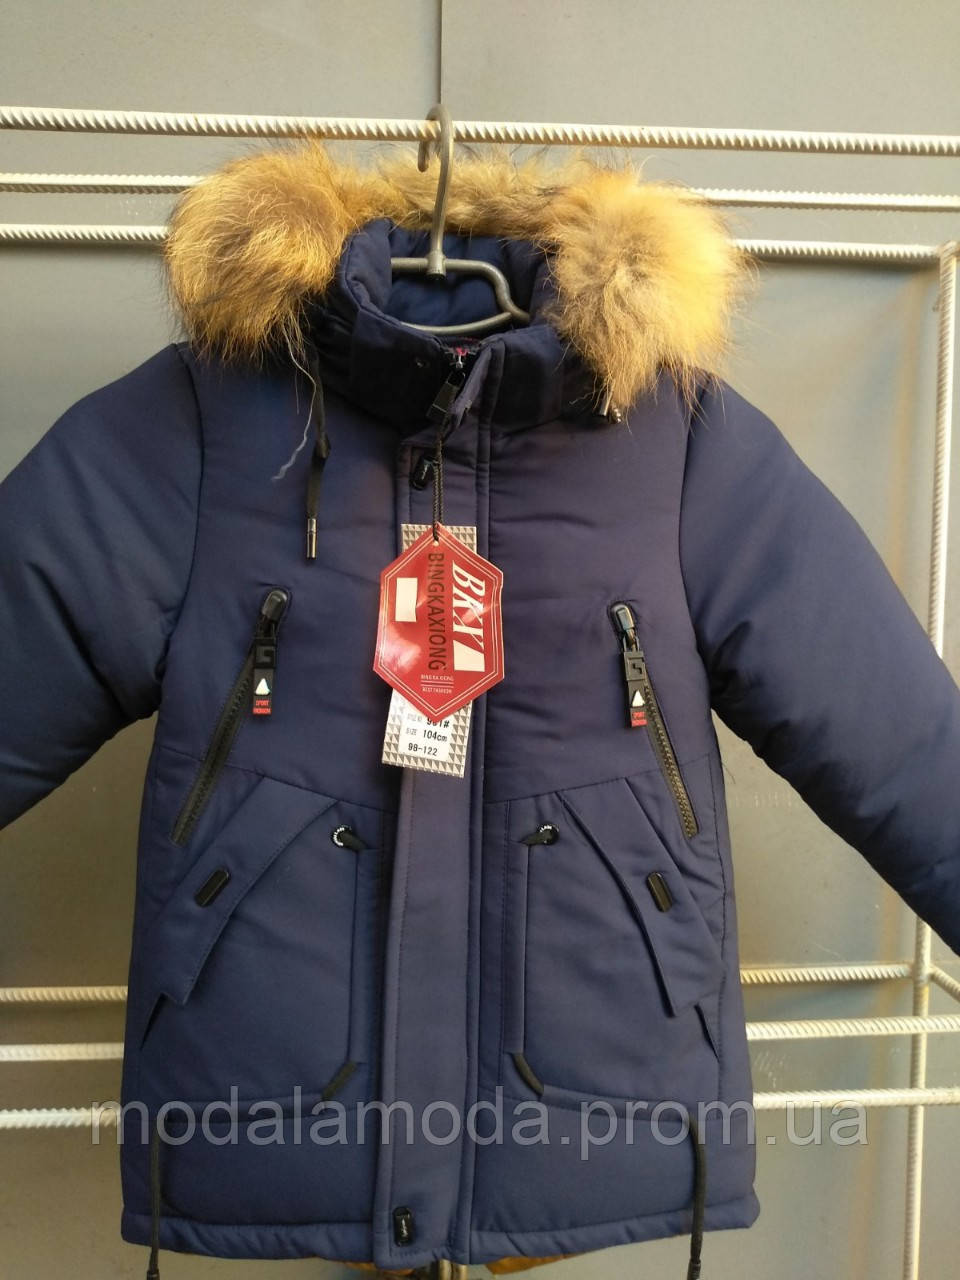 Куртка для мальчика , на зиму. Только опт!11